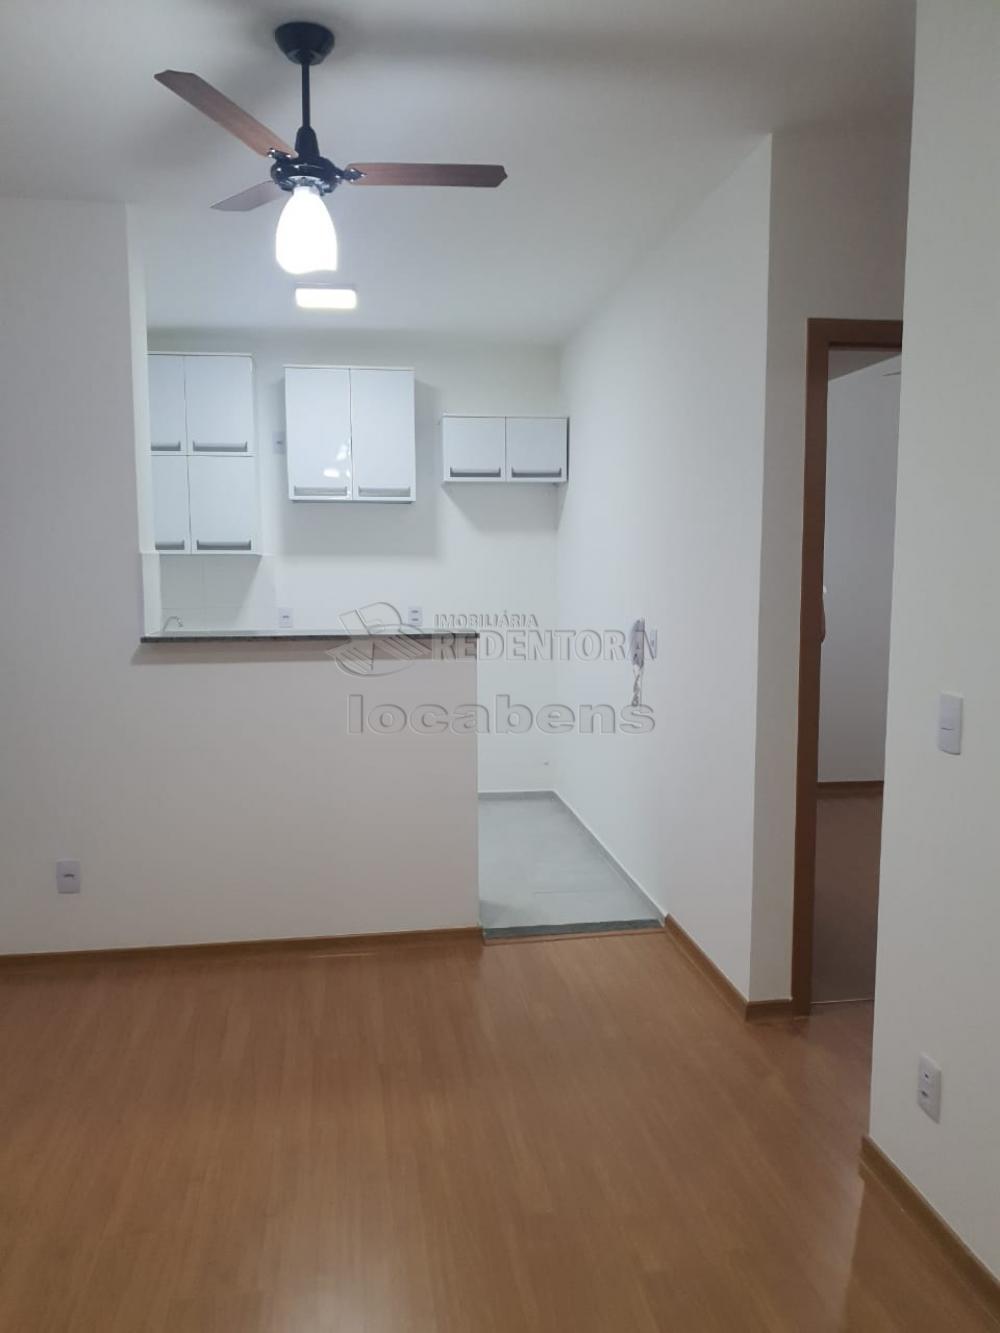 Alugar Apartamento / Padrão em São José do Rio Preto R$ 1.100,00 - Foto 6